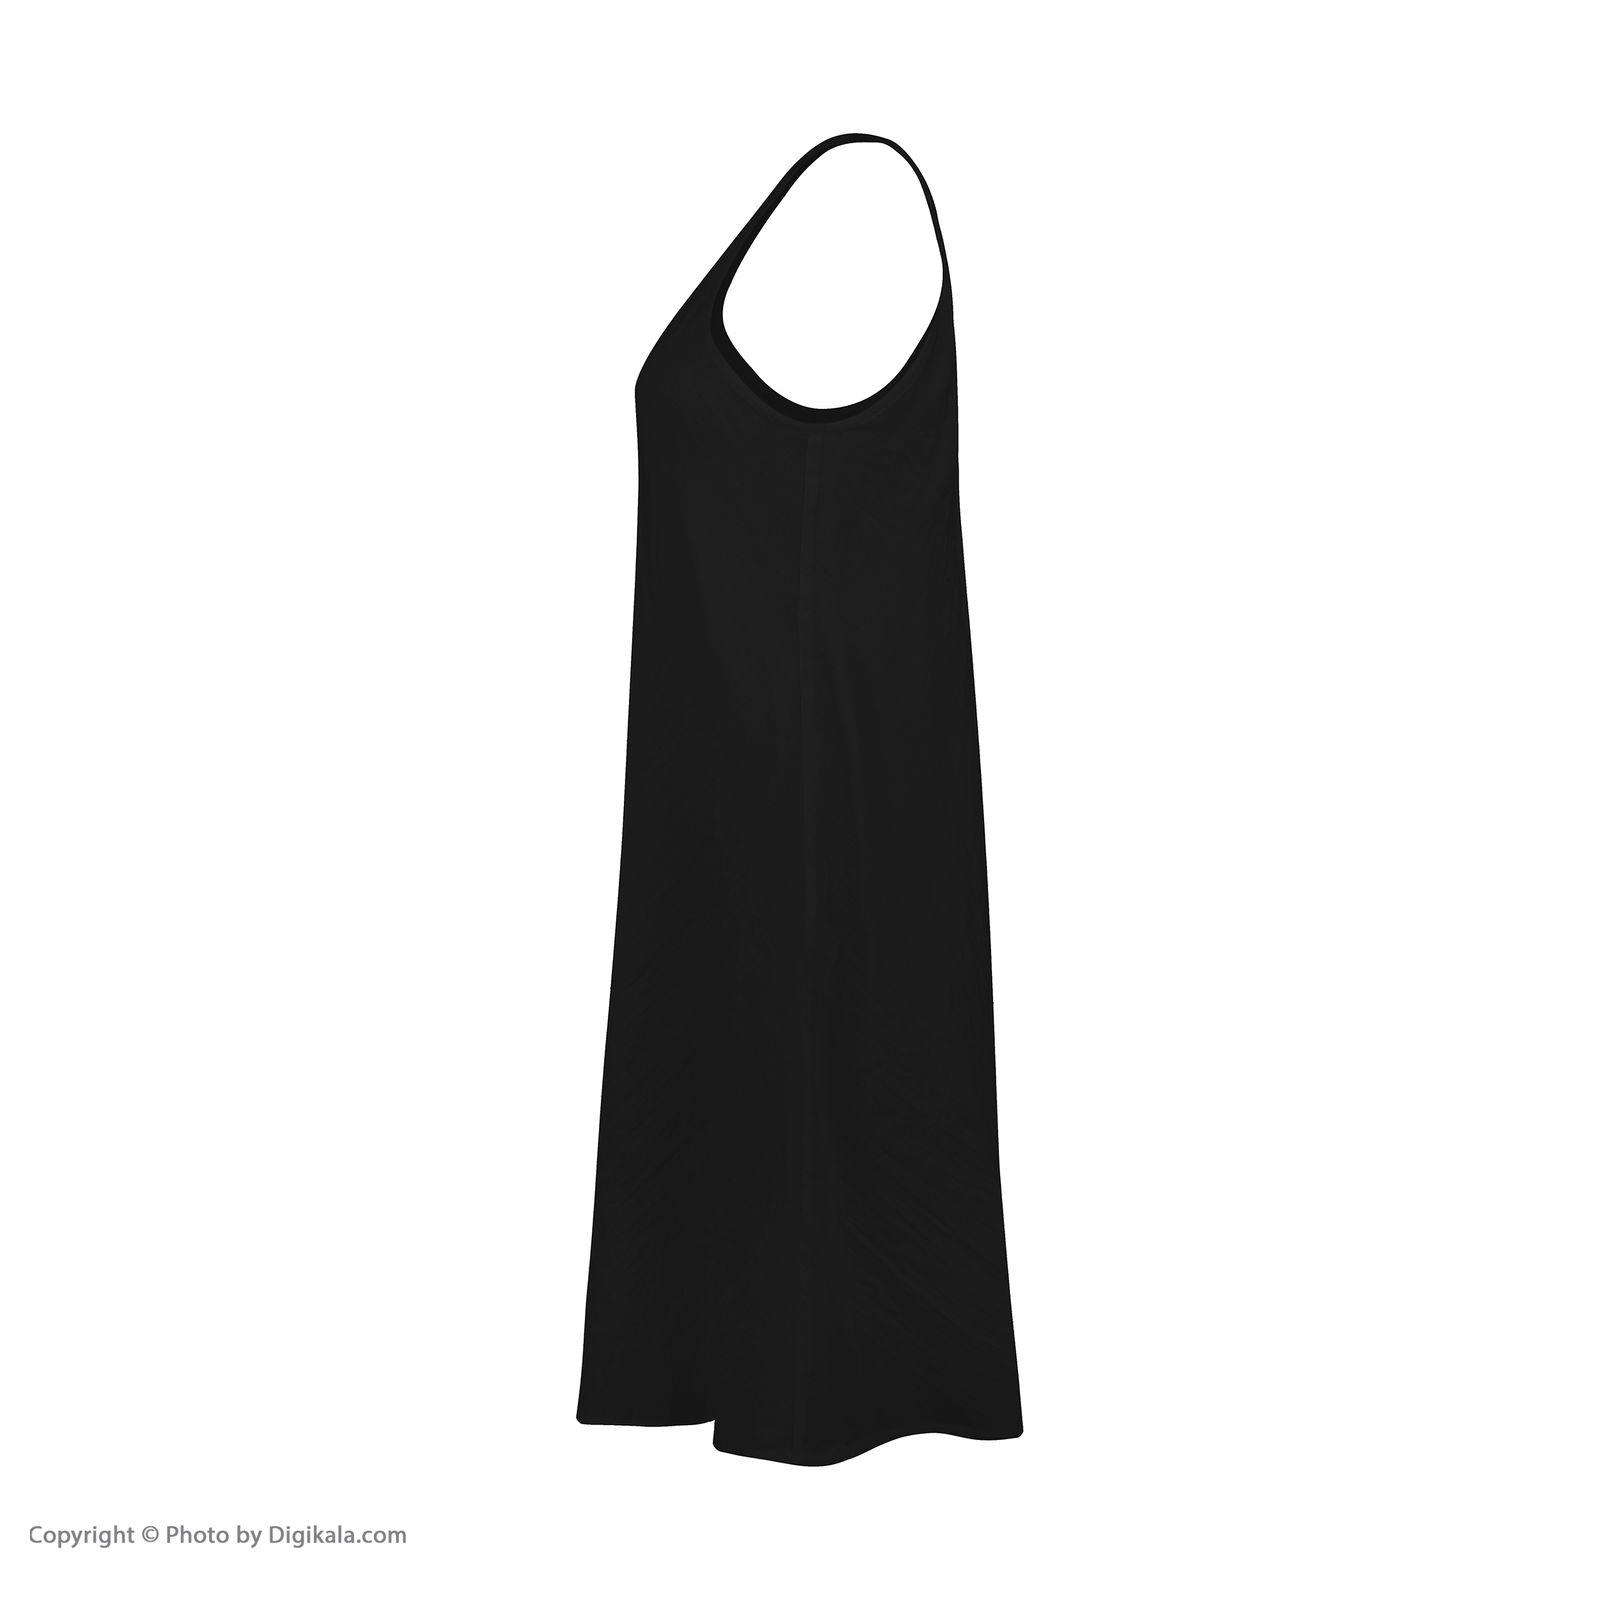 لباس خواب زنانه هیتو استایل مدل D28F230 -  - 3